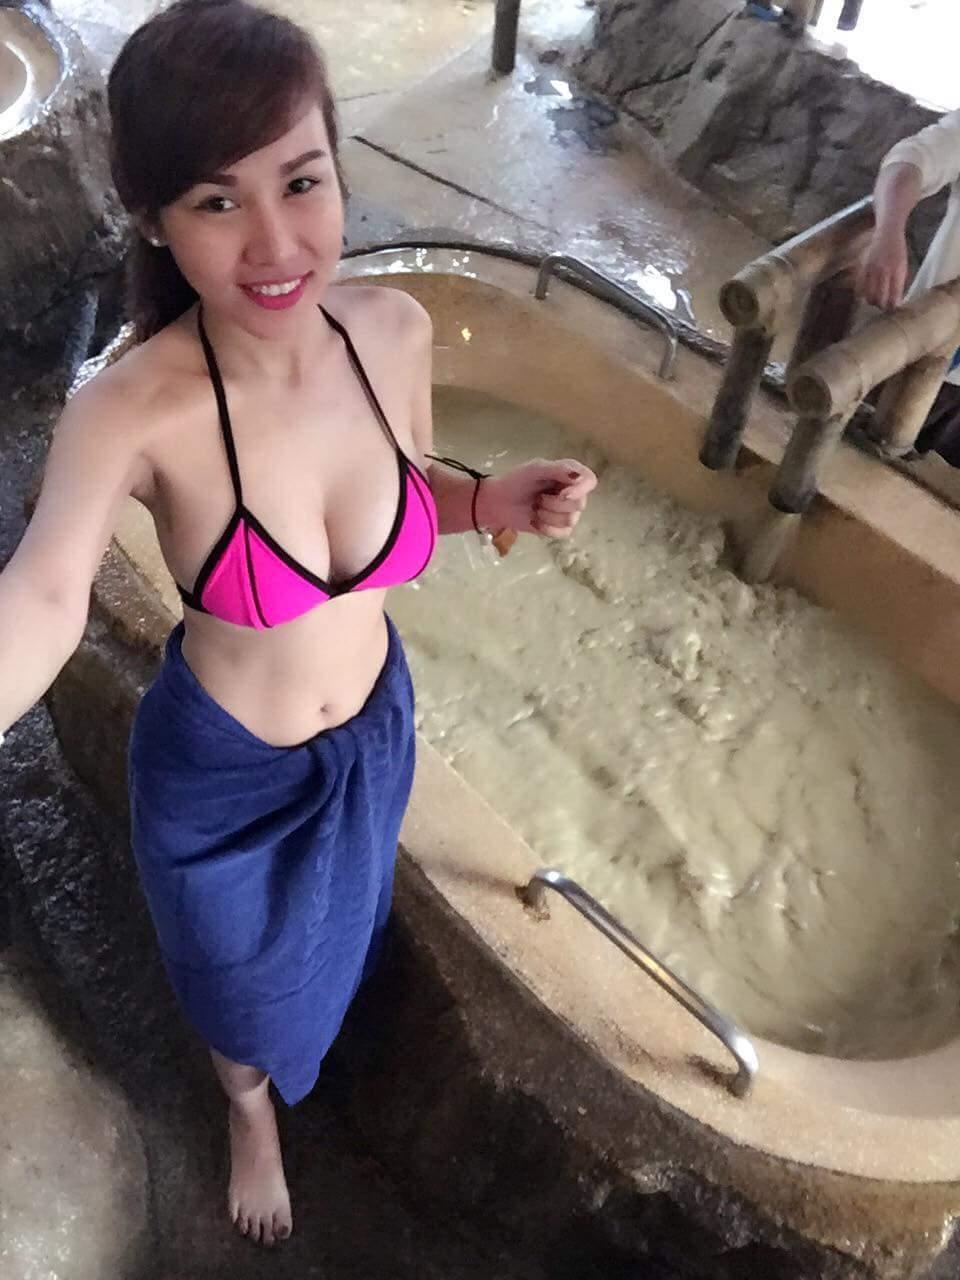 JoJo Trần tắm bùn và hậu trường chụp ảnh cực sexy